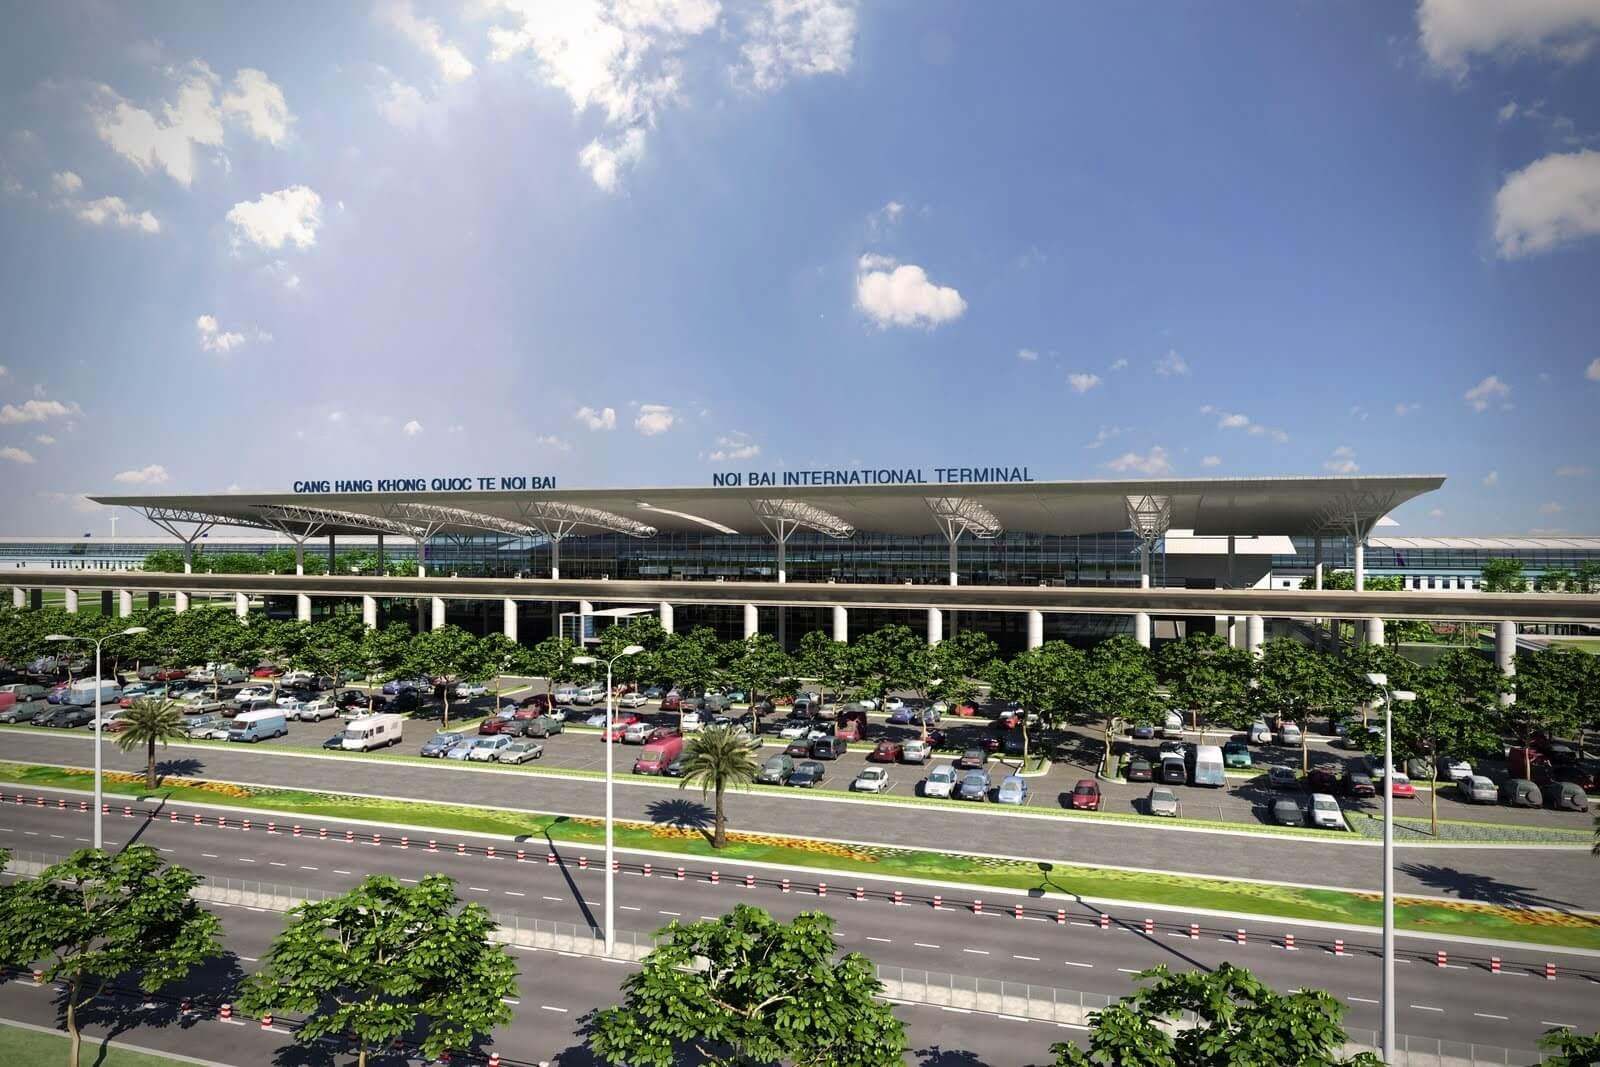 Sân bay quốc tế Nội Bài.